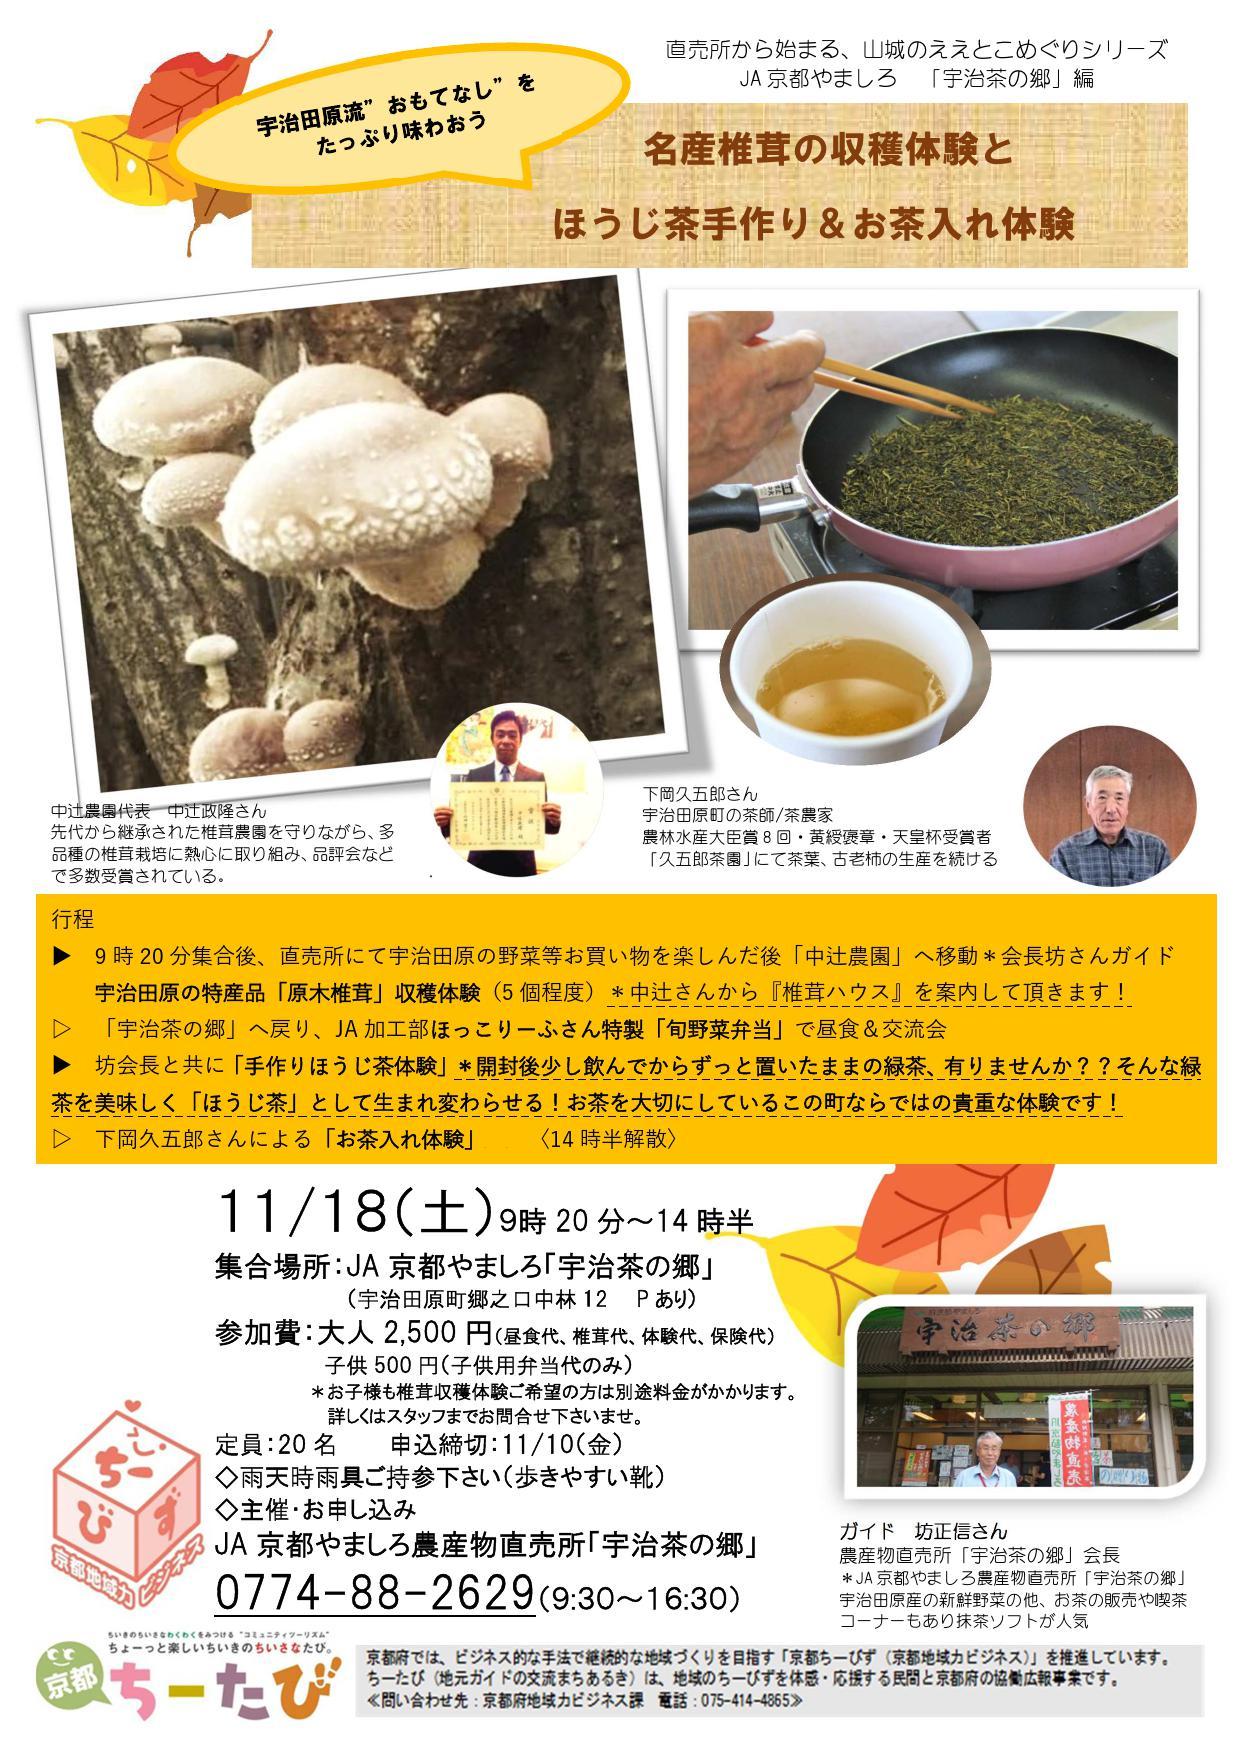 名産椎茸の収穫体験とほうじ茶手作り&お茶入れ体験